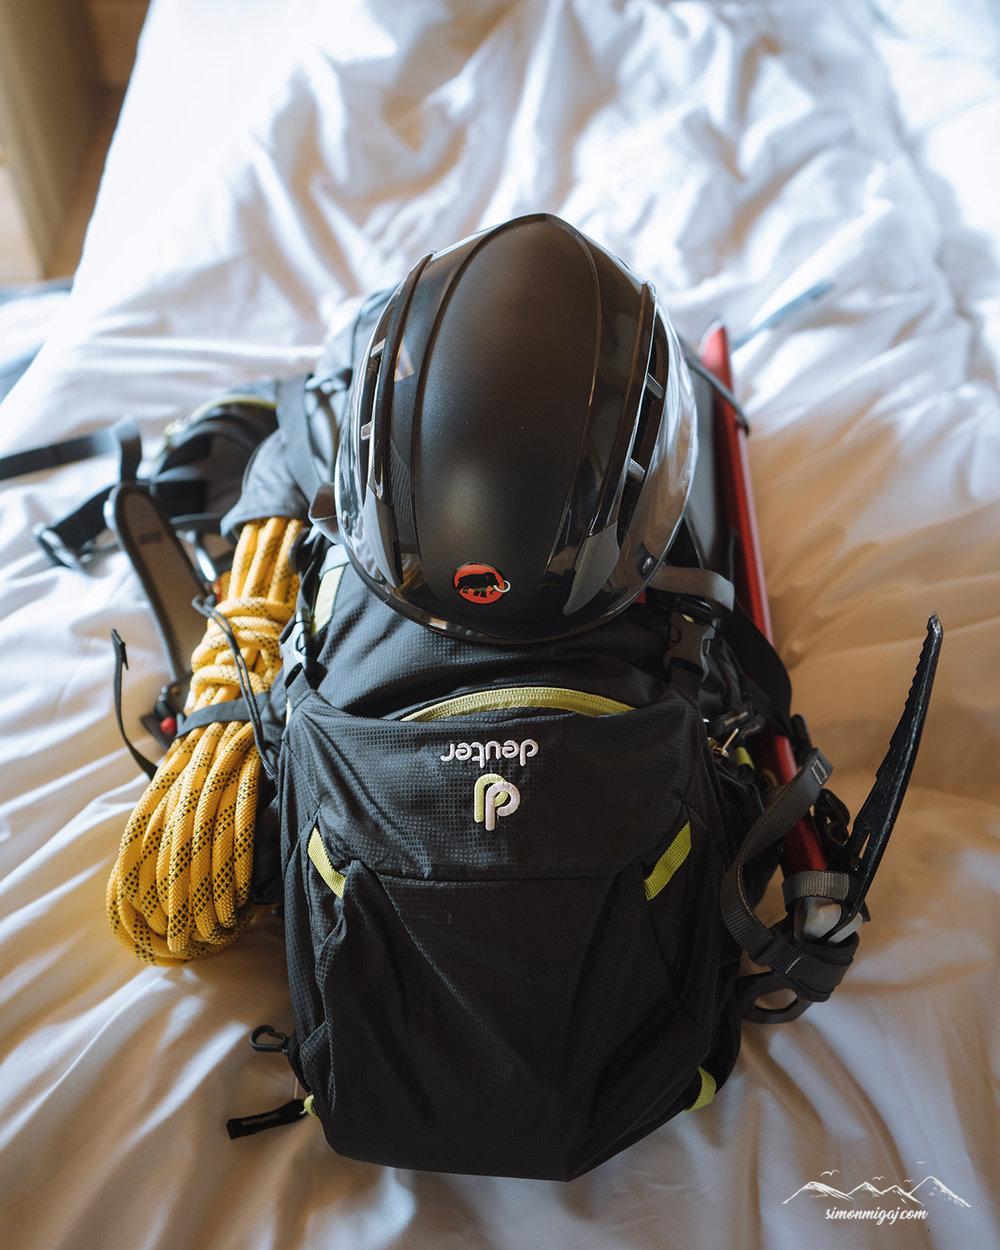 Deuter-rise-lite-28-packed.jpg